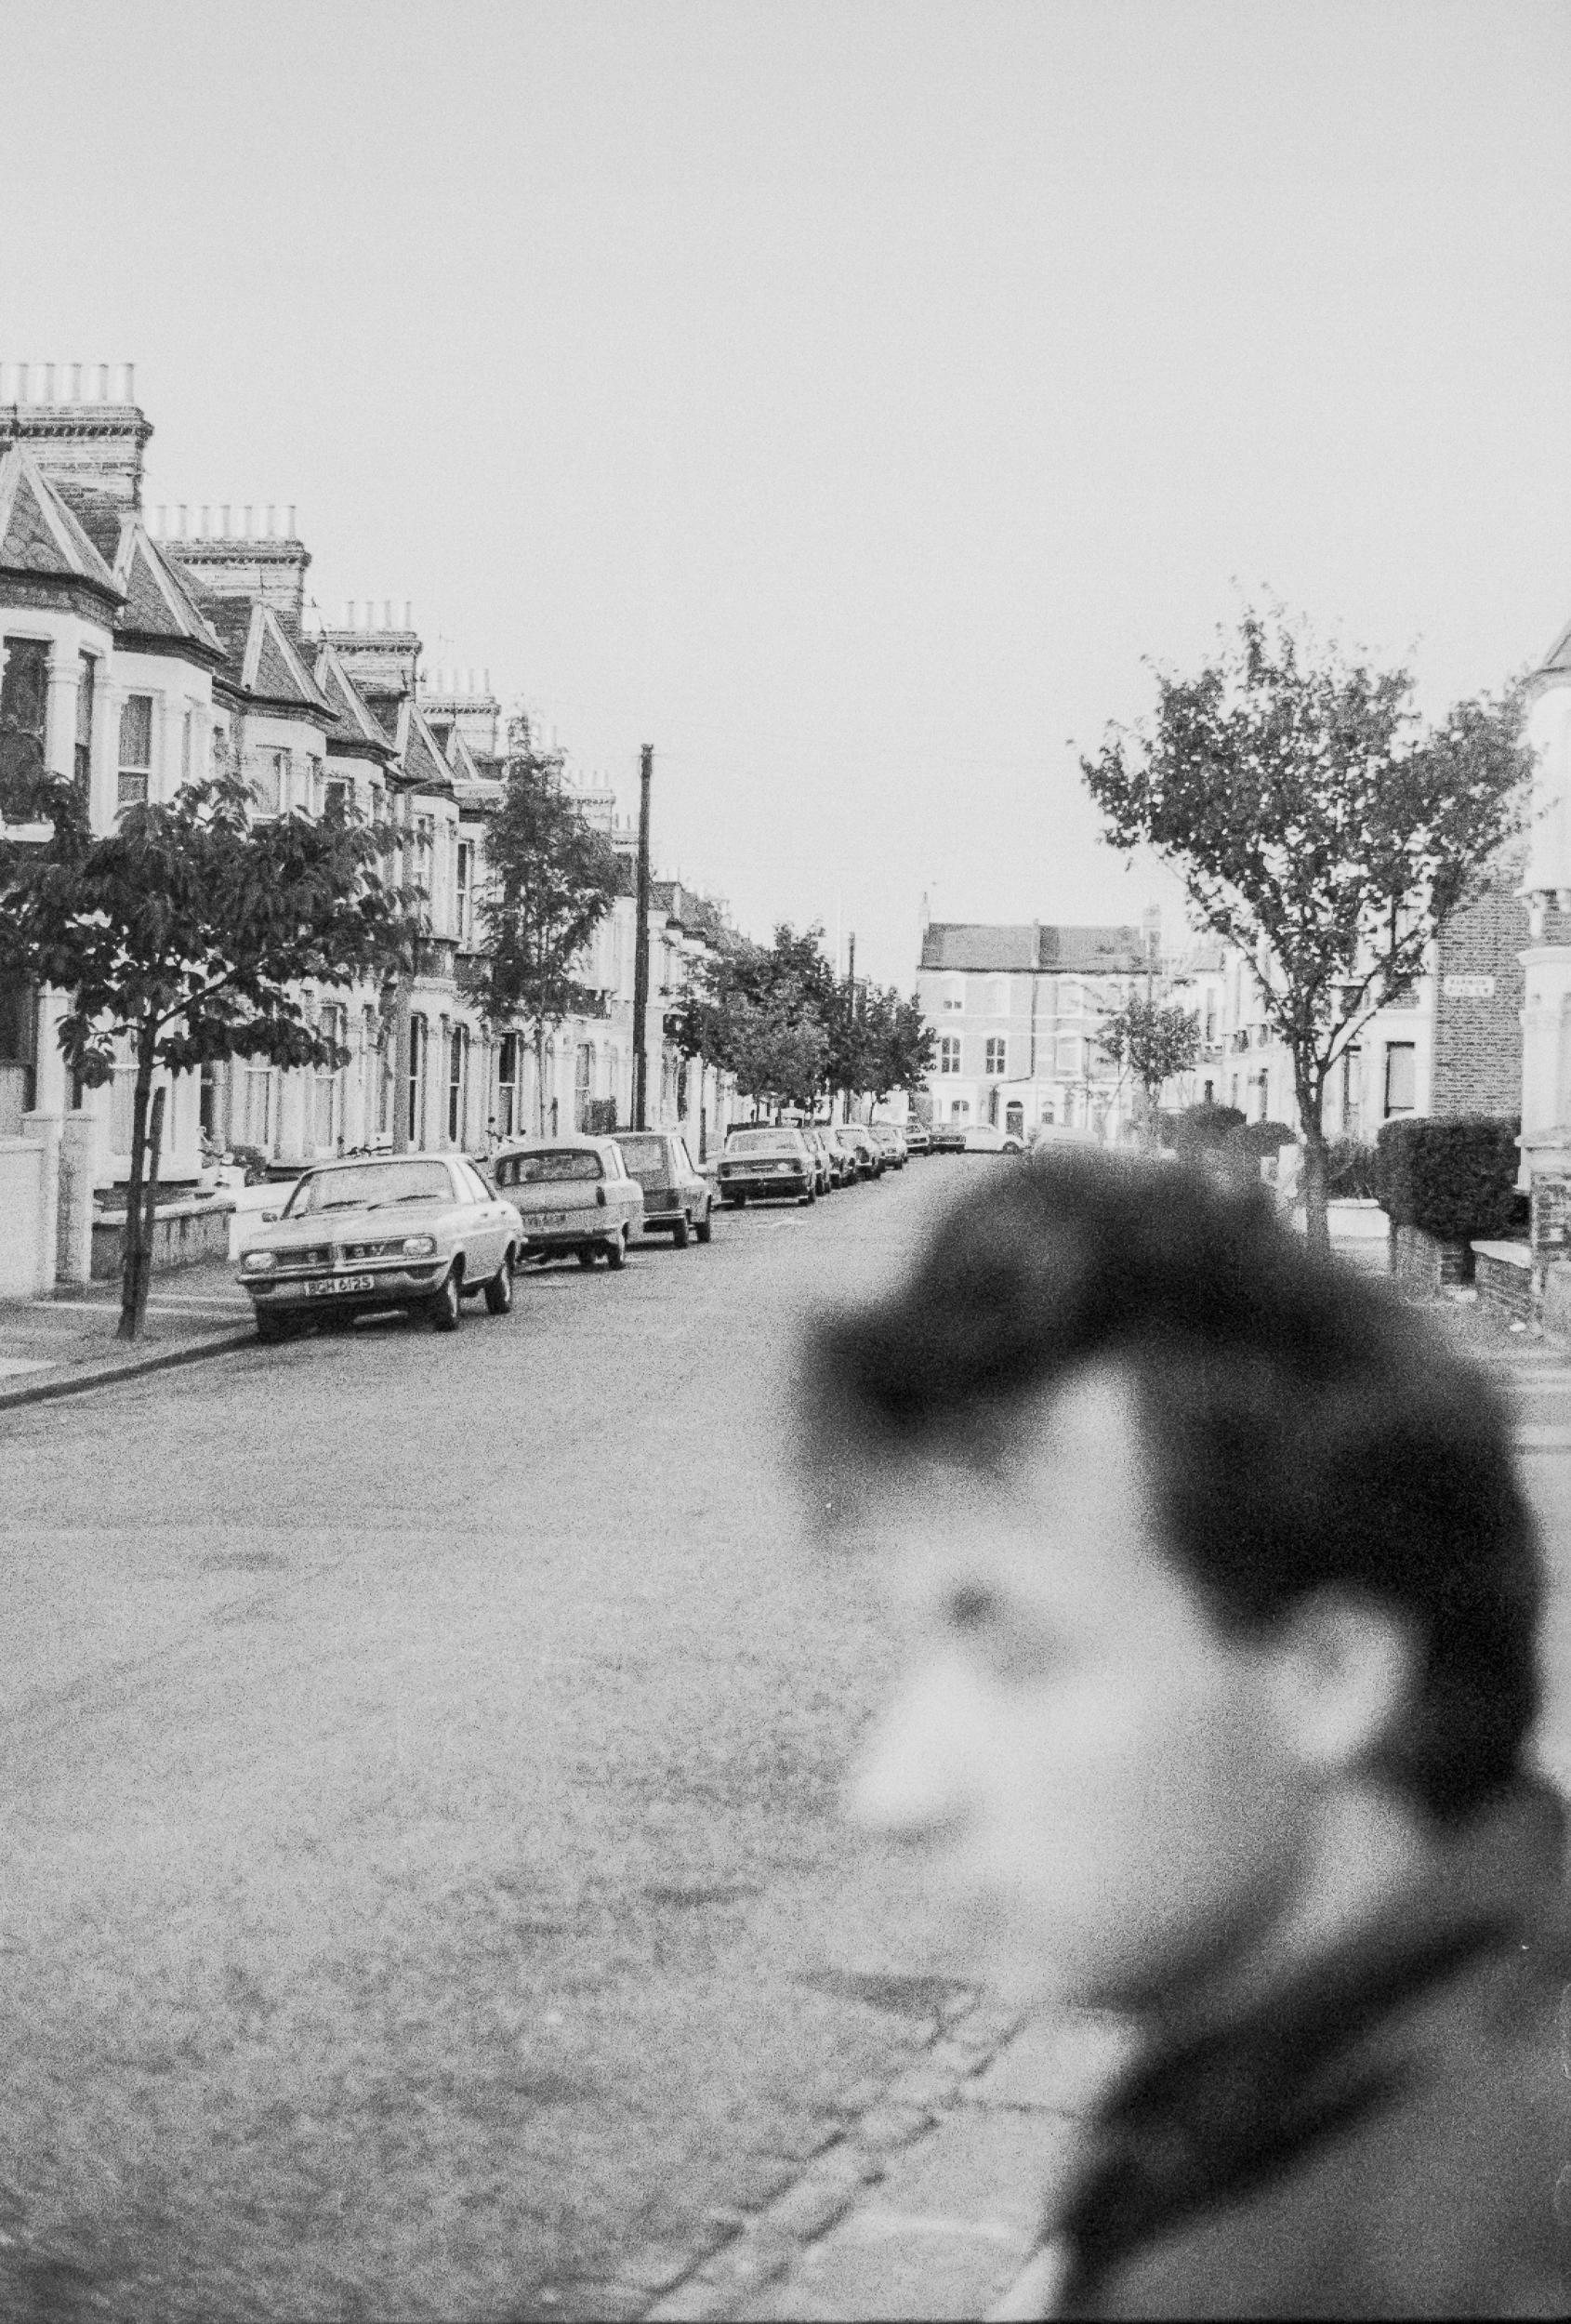 Battersea. 1983.